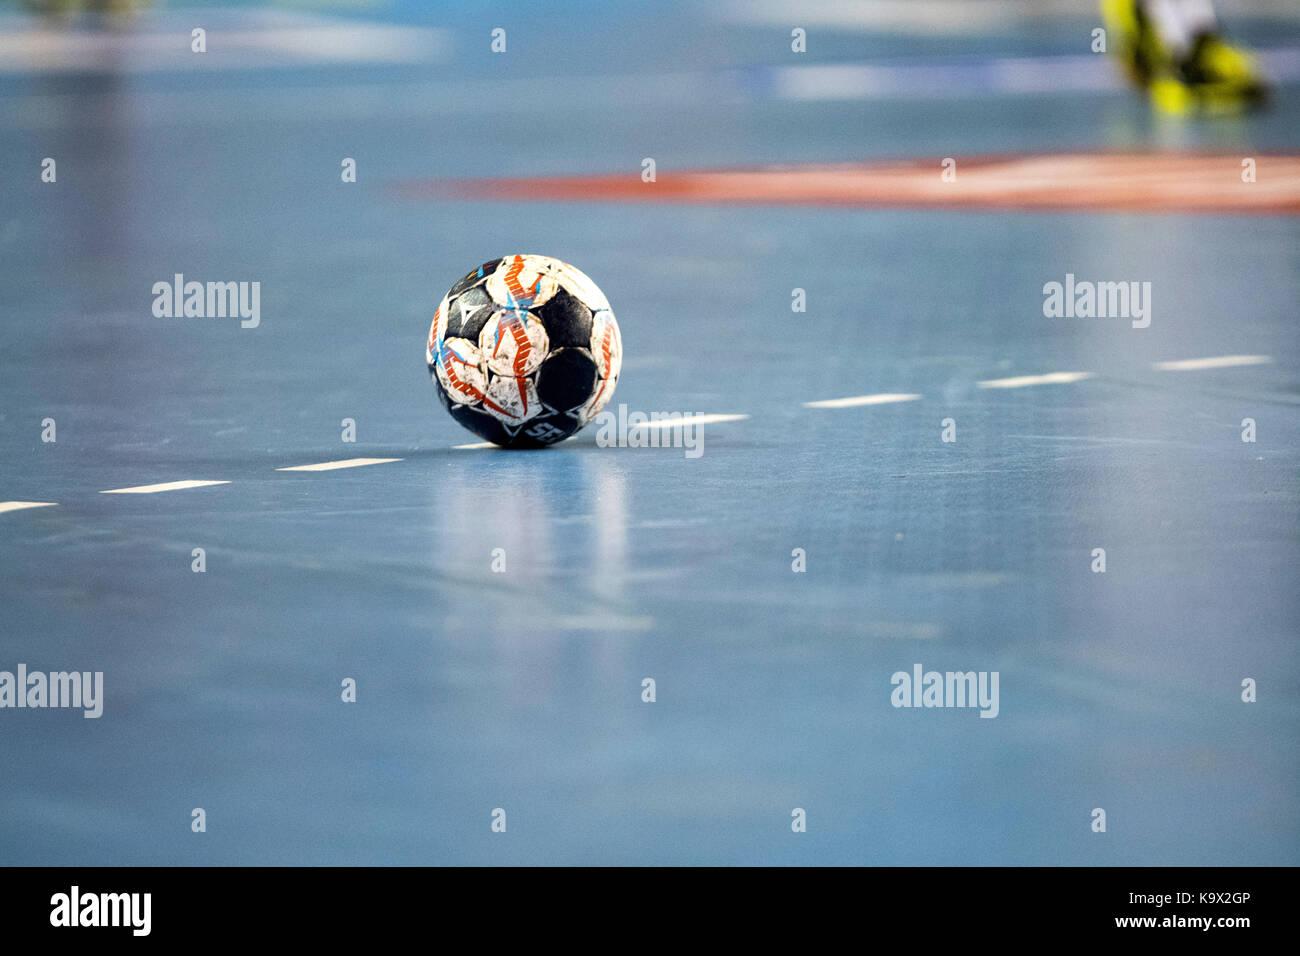 Leon, Espagne. 24 Septembre, 2017. Le ballon du match au cours du match de handball EHF Champions League 2017-2018 Photo Stock